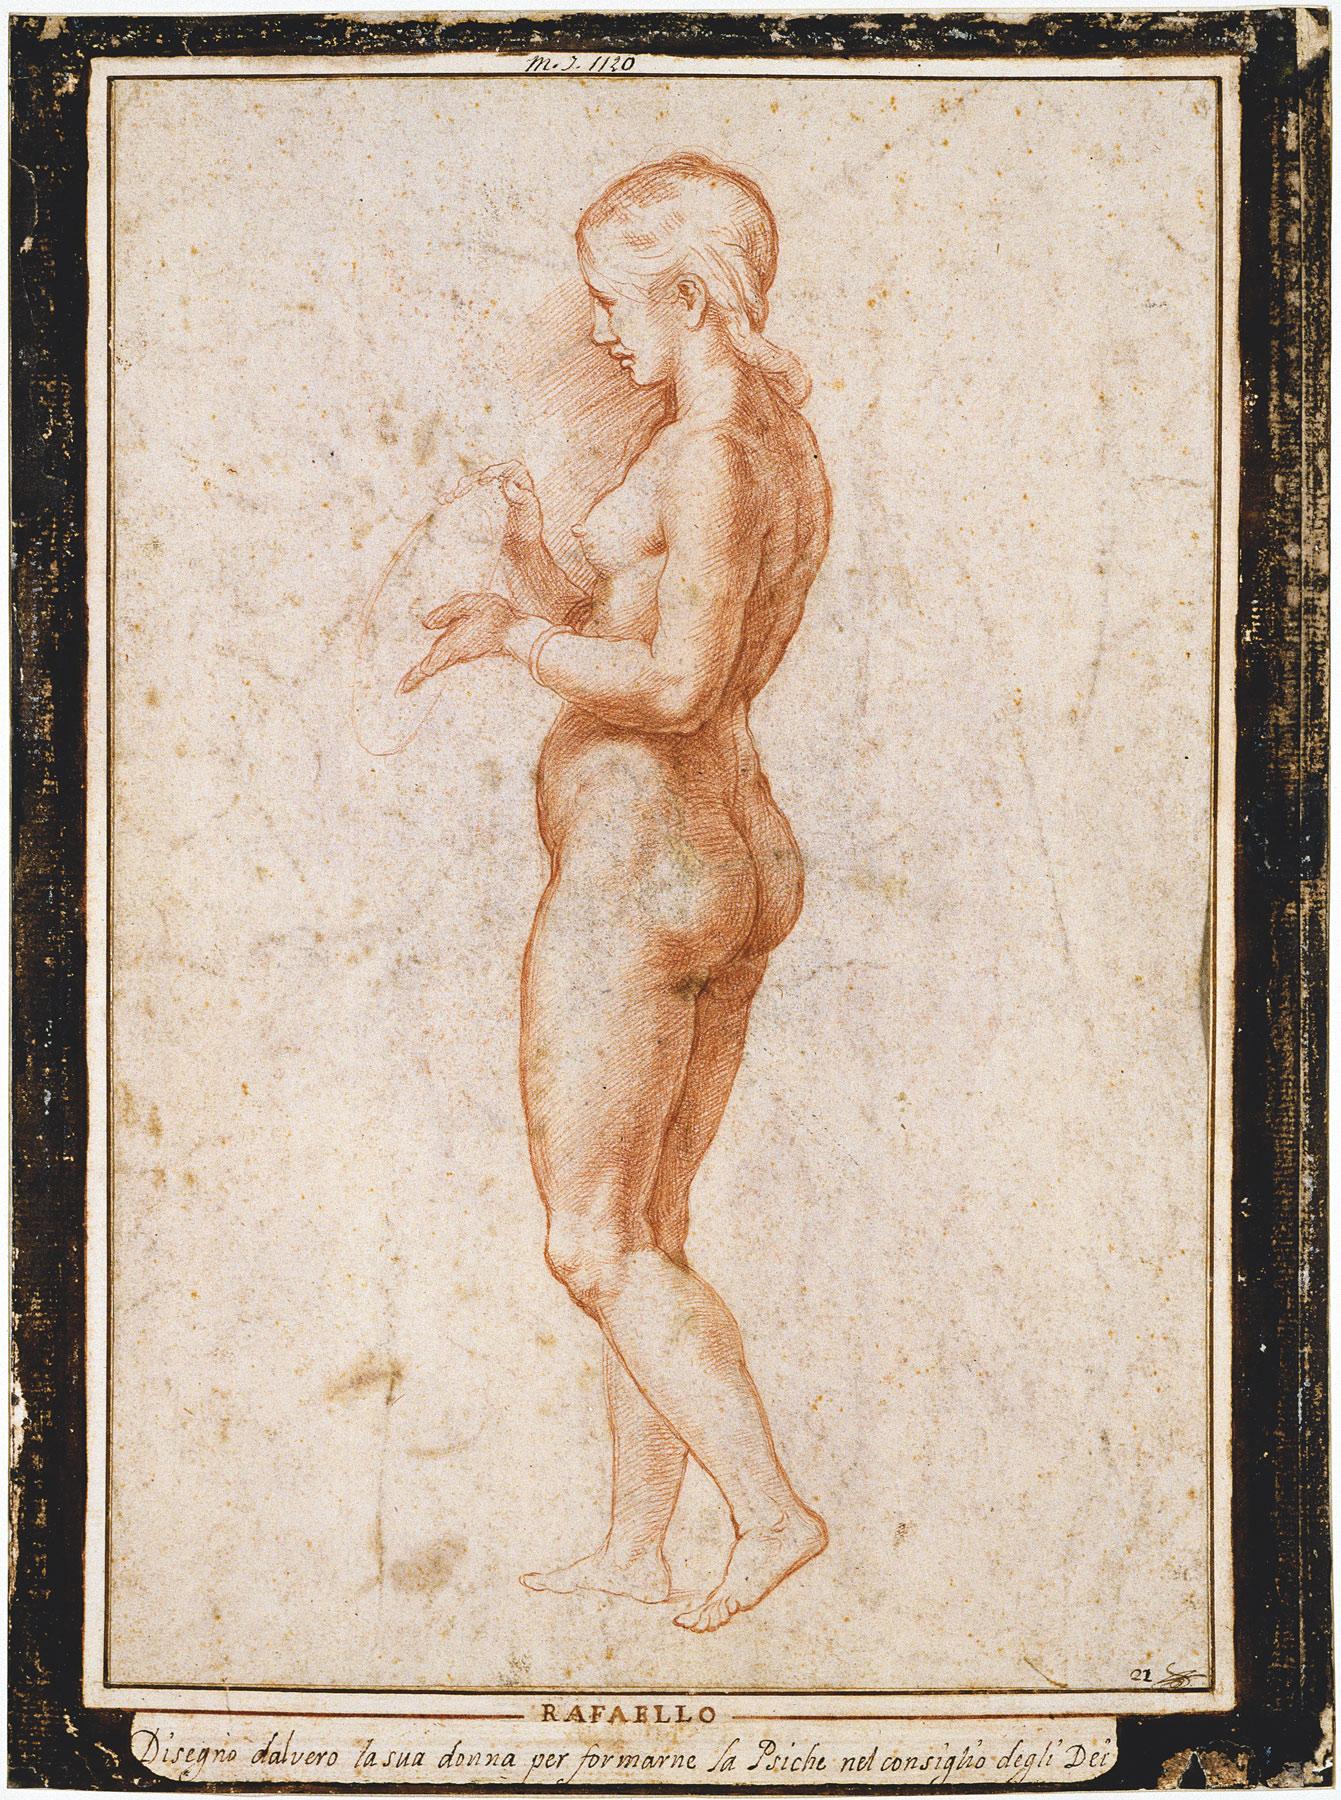 Bottega di Raffaello, Giovane figura femminile di profilo, verso (1517 circa?; sanguigna, 362 x 256 mm; Parigi, Musée du Louvre, Cabinet des dessins)